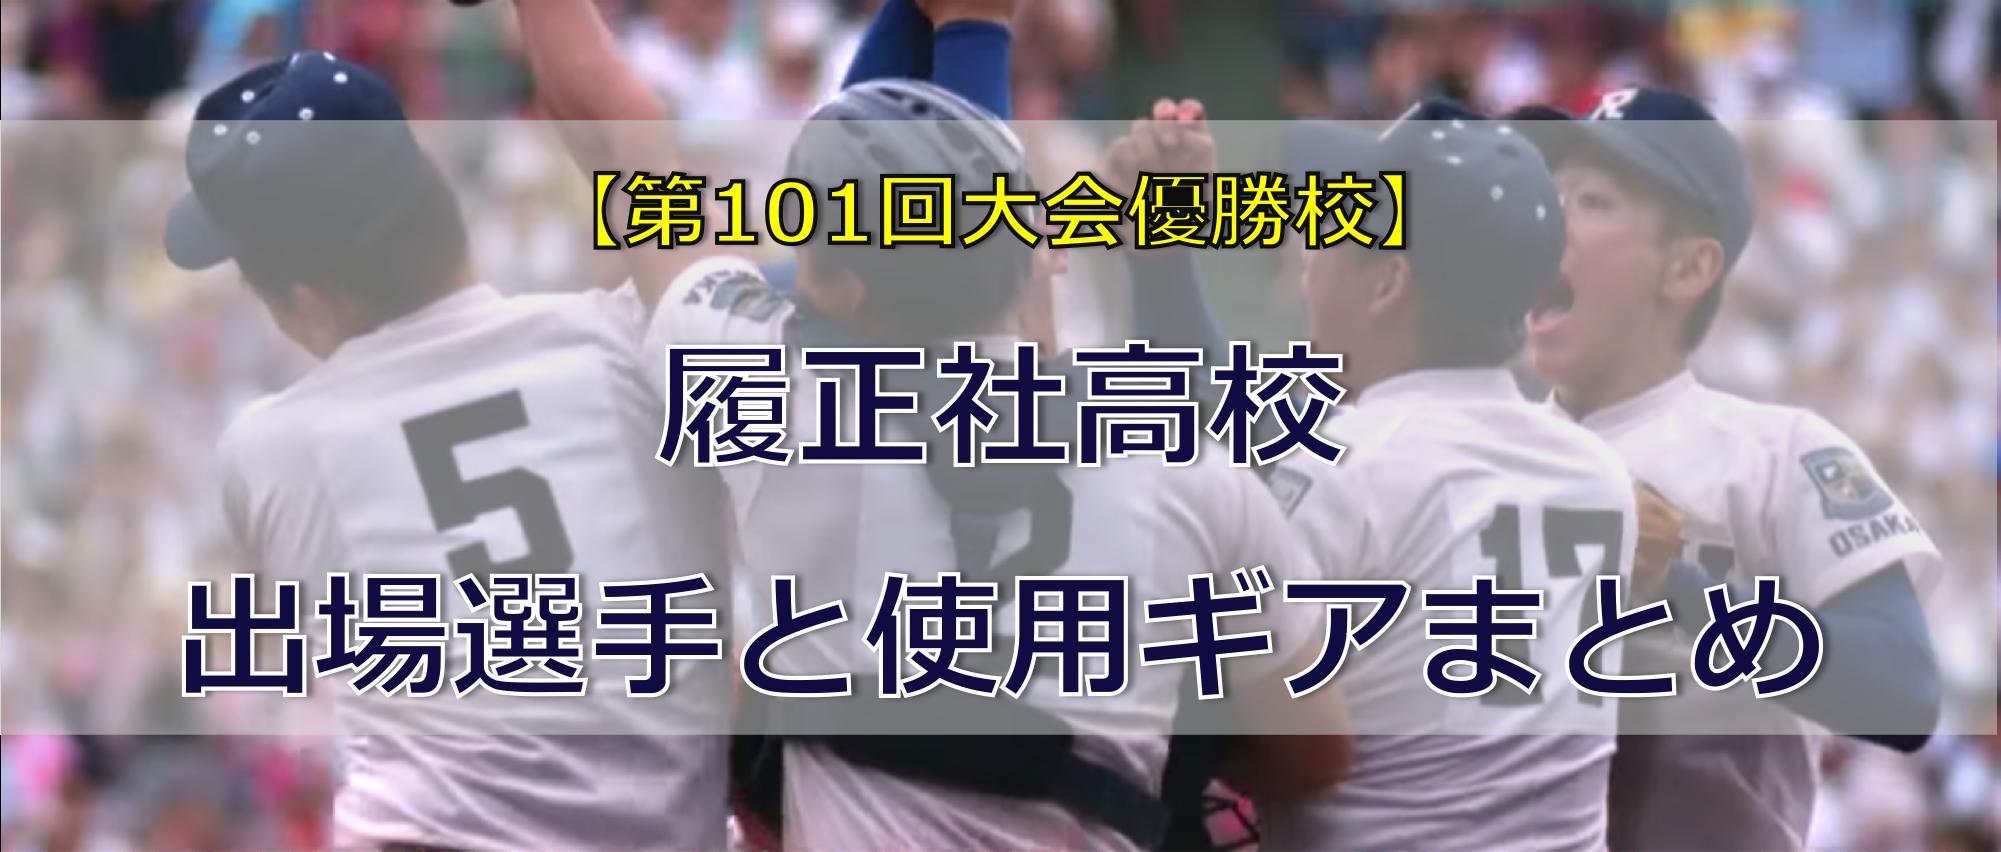 社 メンバー 履正 甲子園